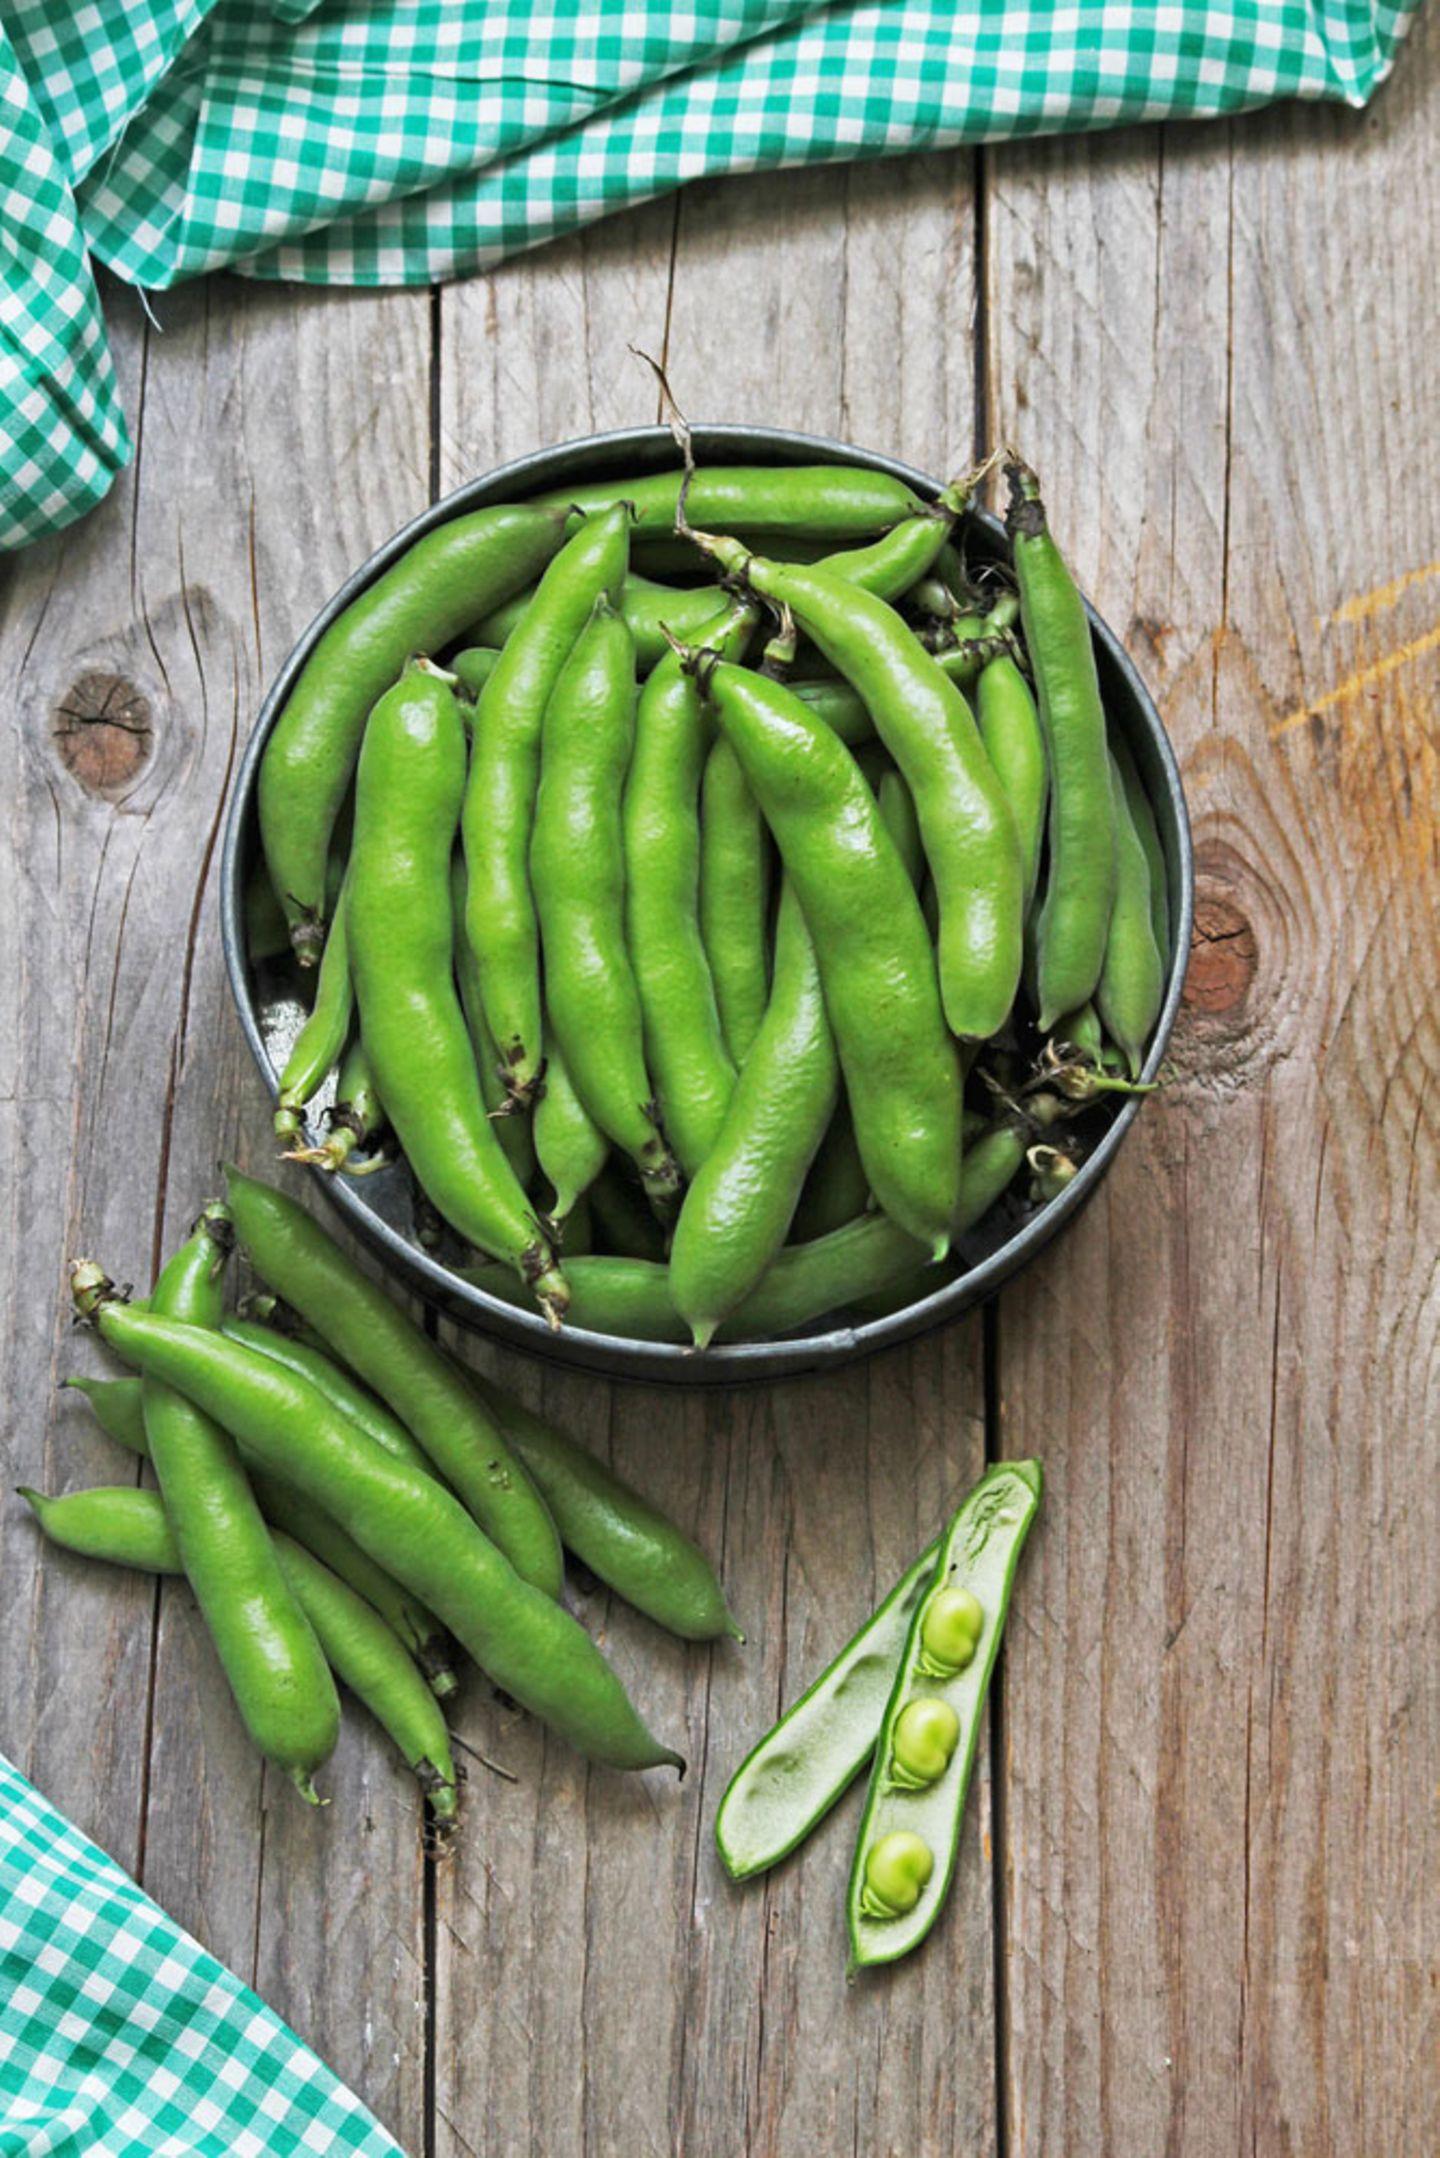 Mediterrane Diät: Grüne Bohnen in einer Schüssel